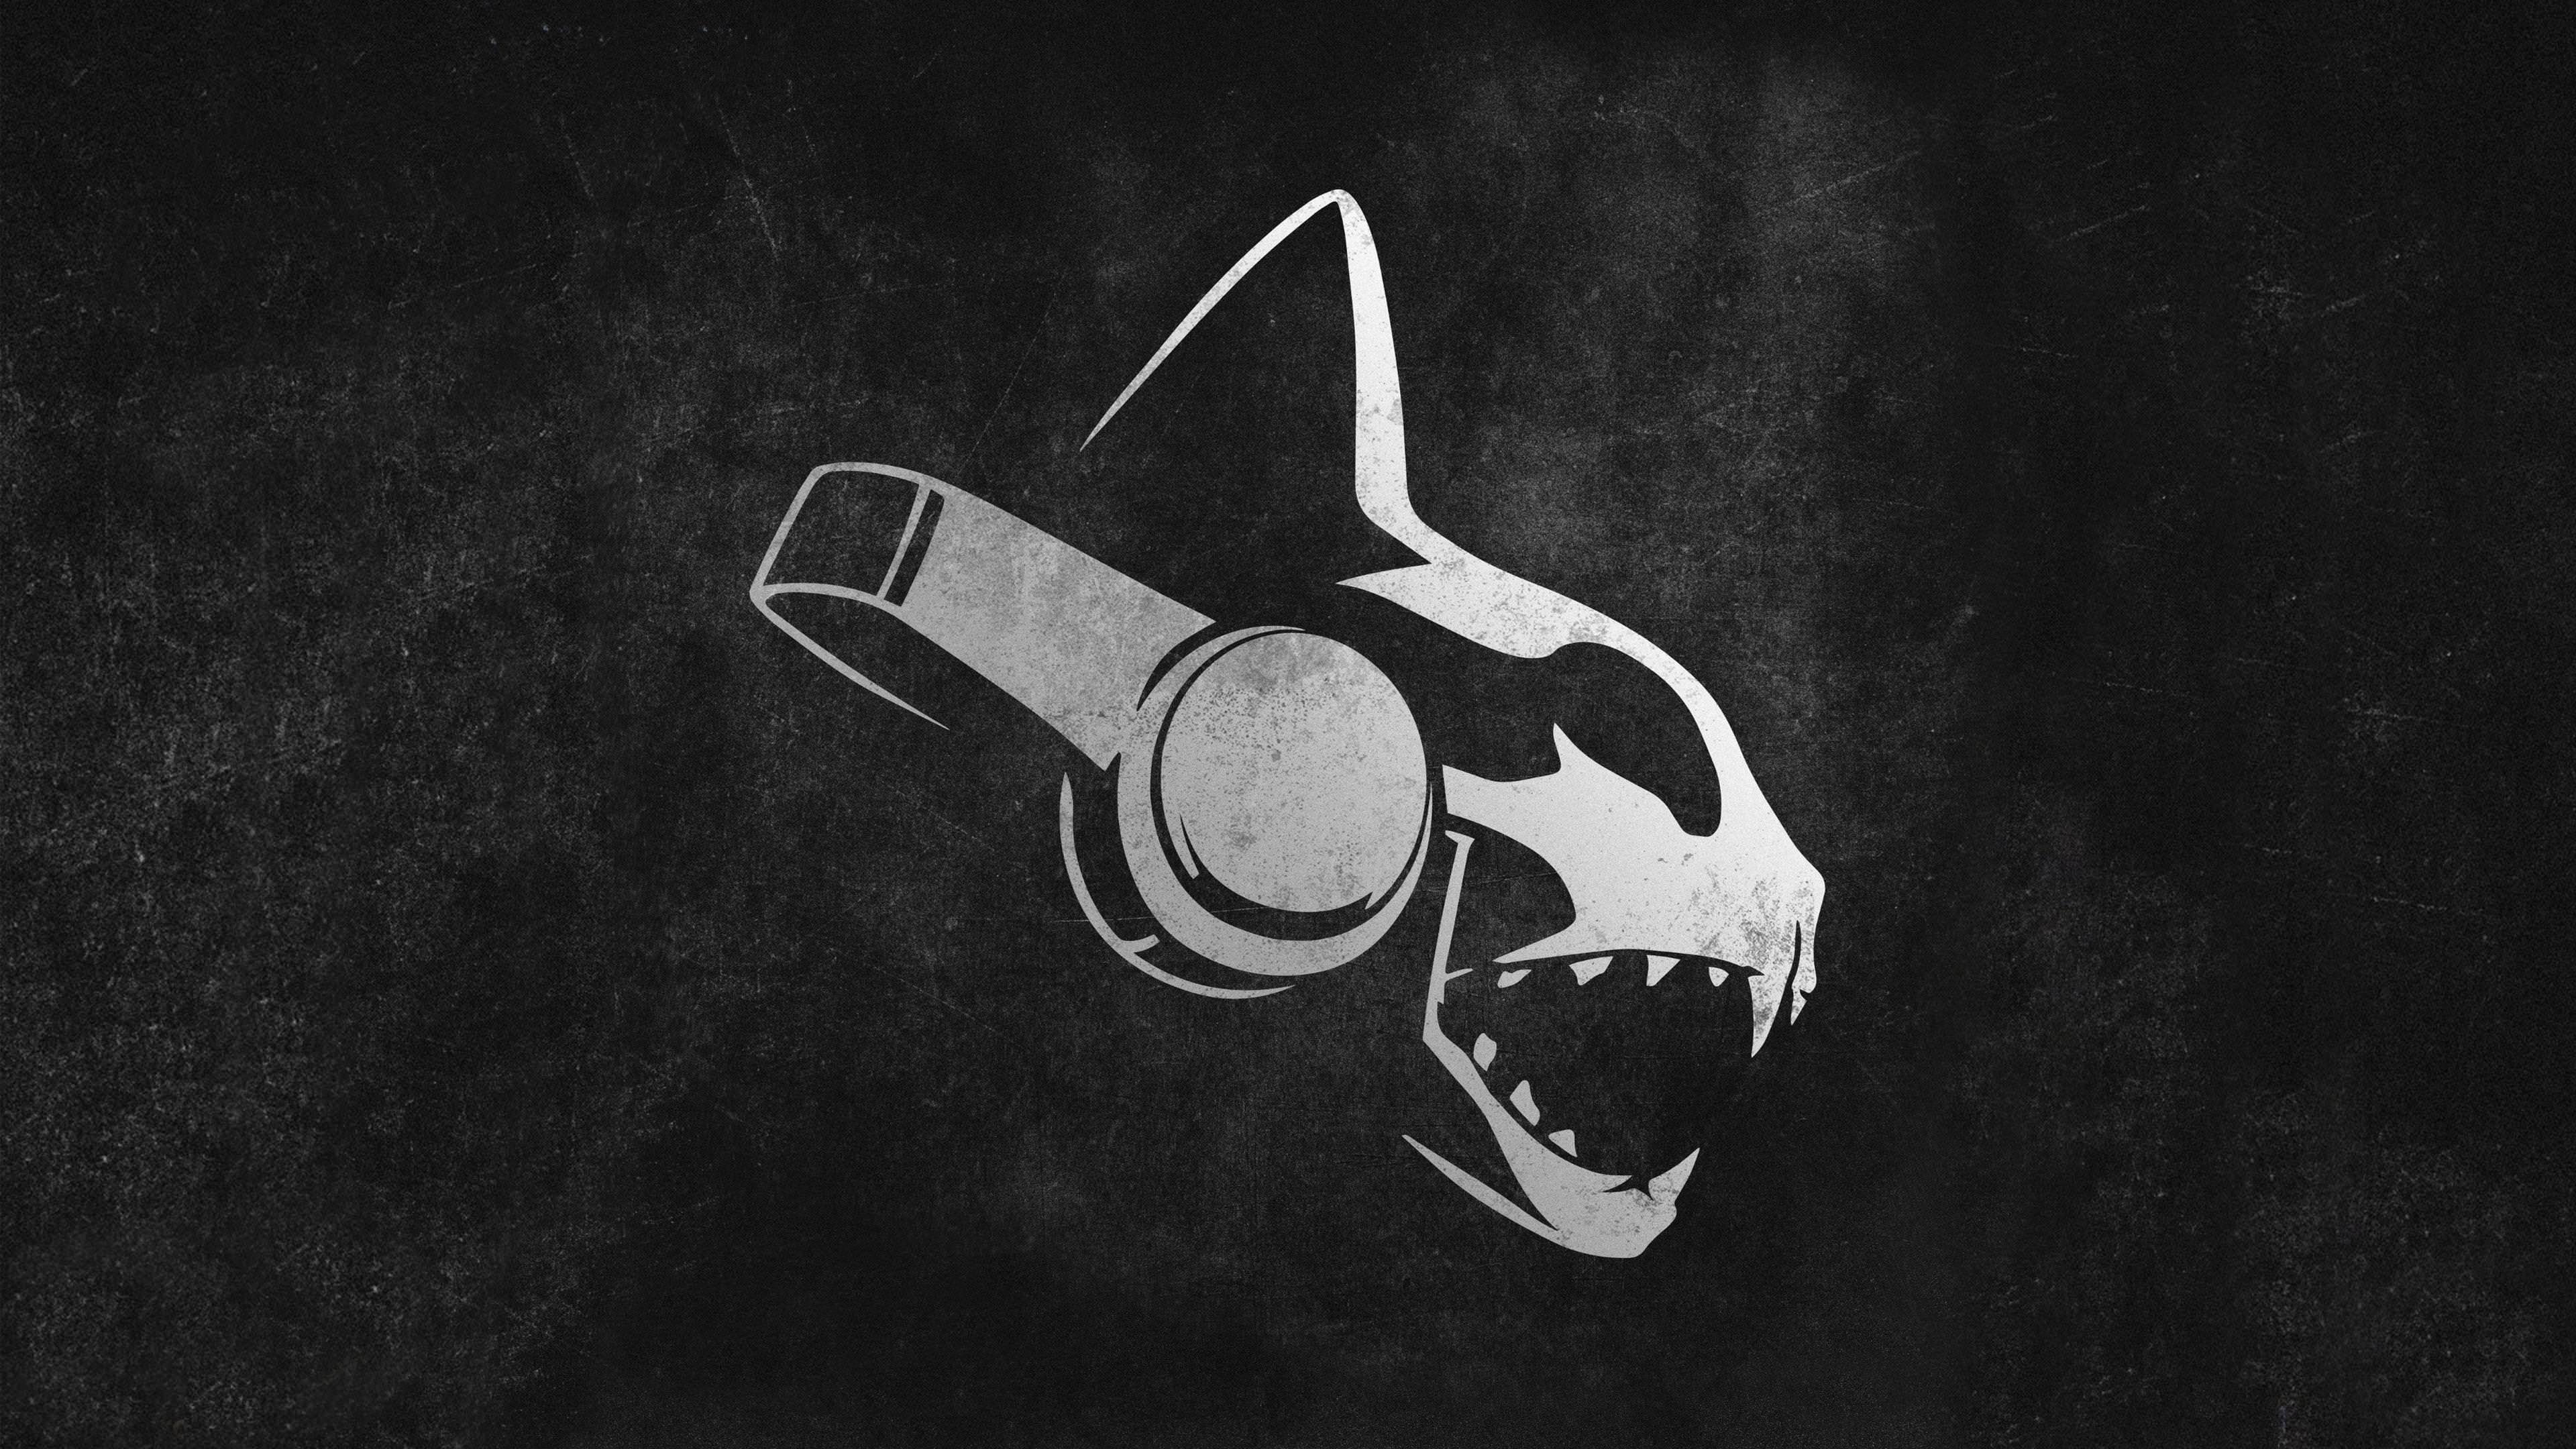 Monstercat Music Logo 4k Hd 4k Wallpaper Hdwallpaper Desktop Hd Wallpaper Wallpaper Latest Hd Wallpapers